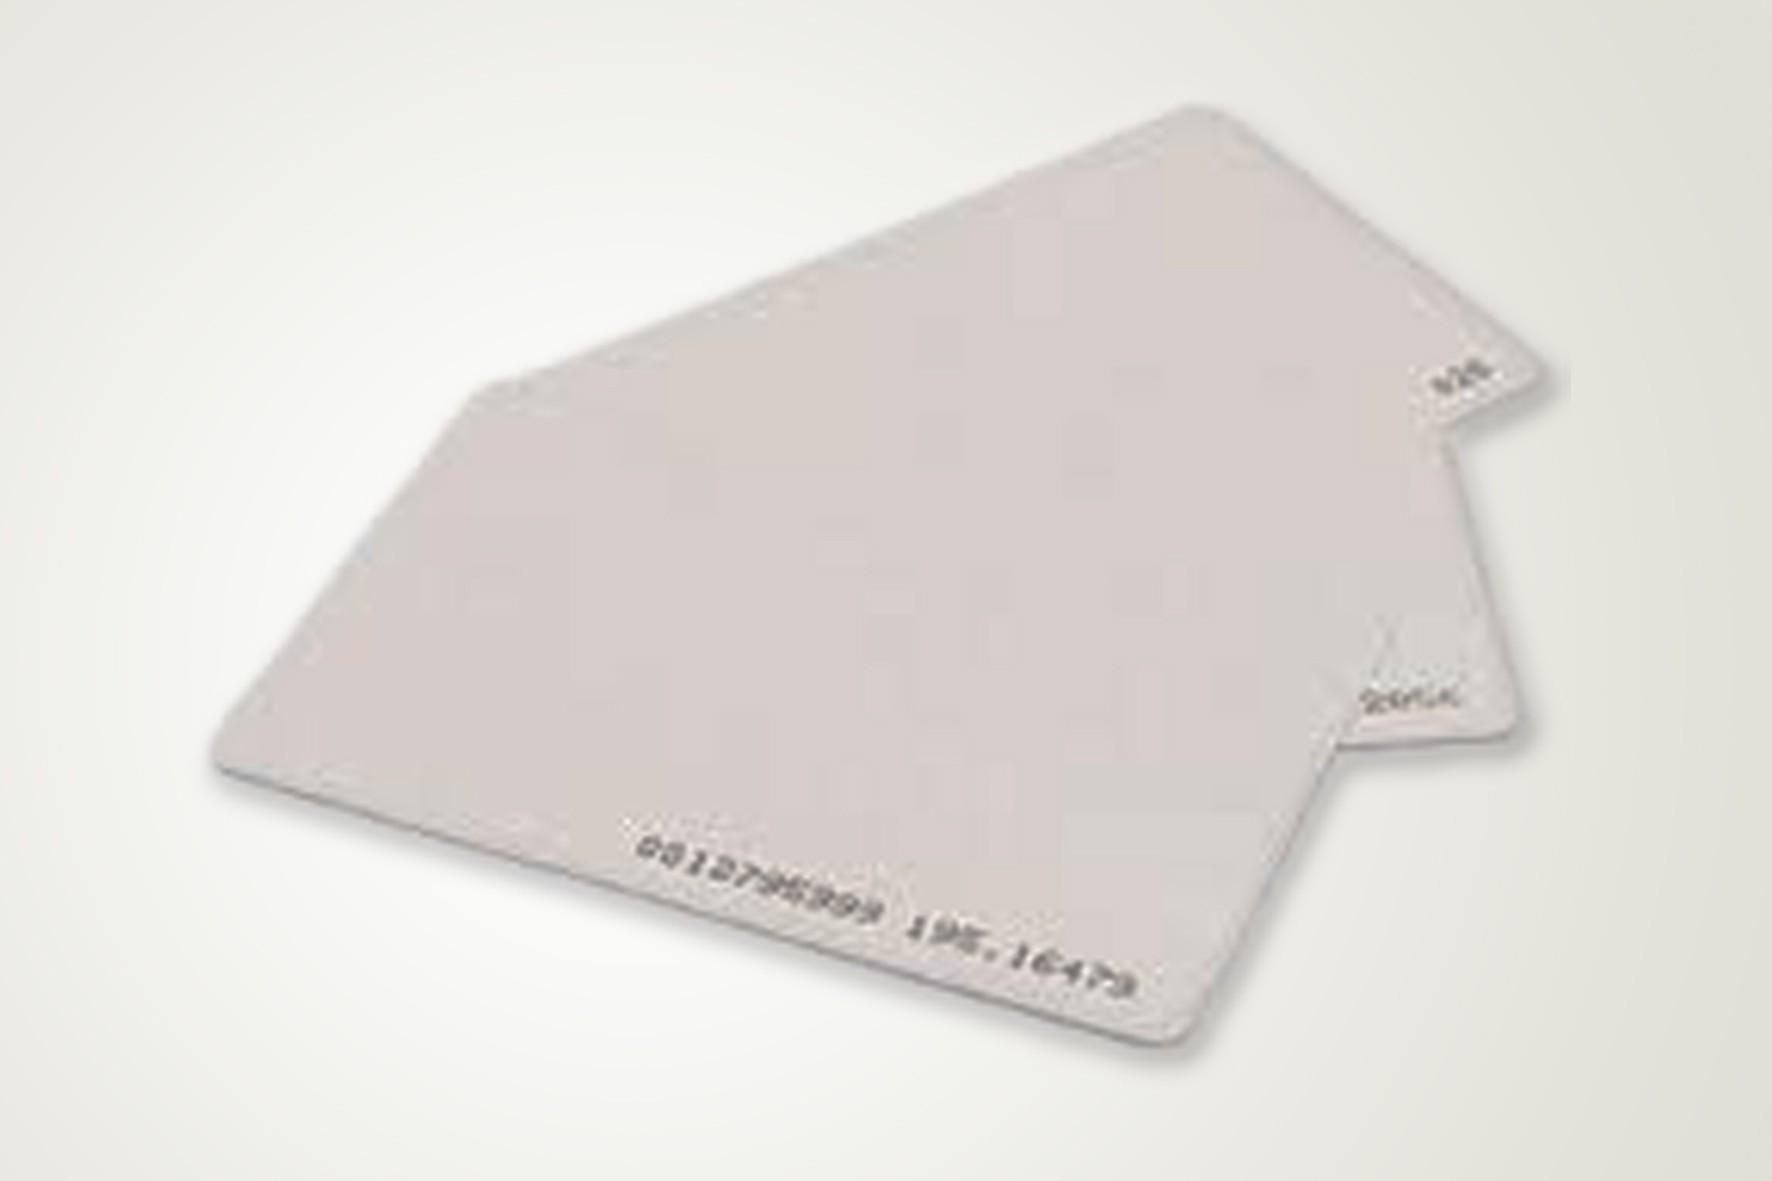 Cartões com Chip de Proximidade no Jardim Araguaia - Cardápio de Pvc